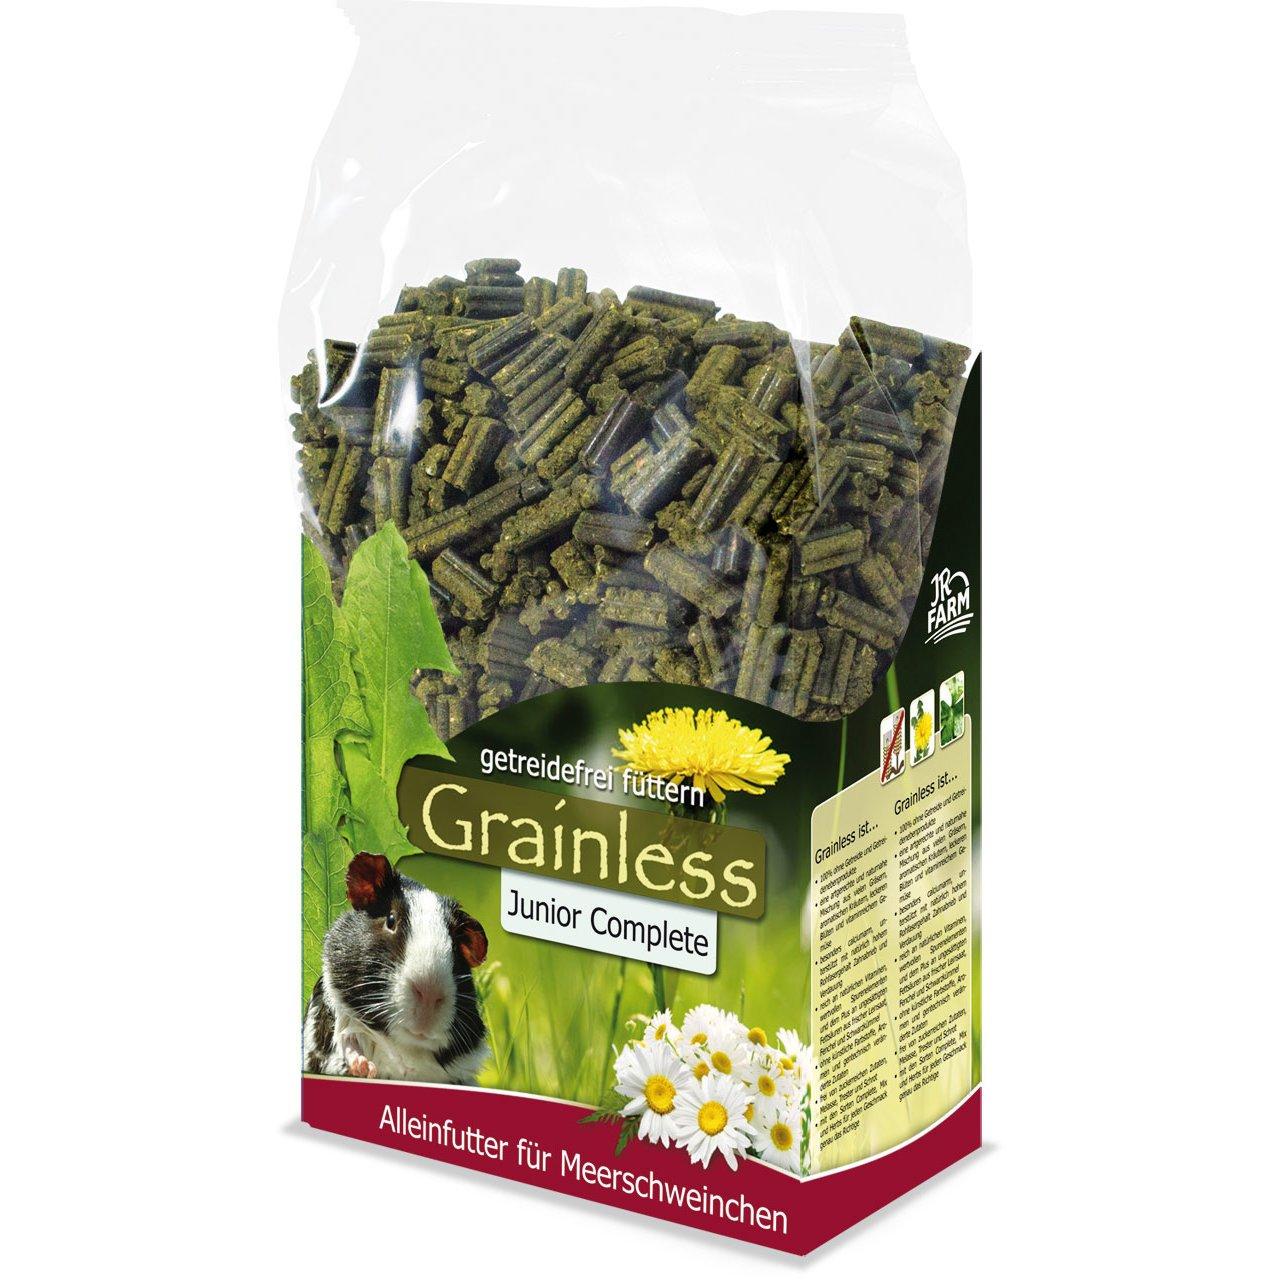 JR Farm Grainless Complete Meerschweinchen, Bild 5